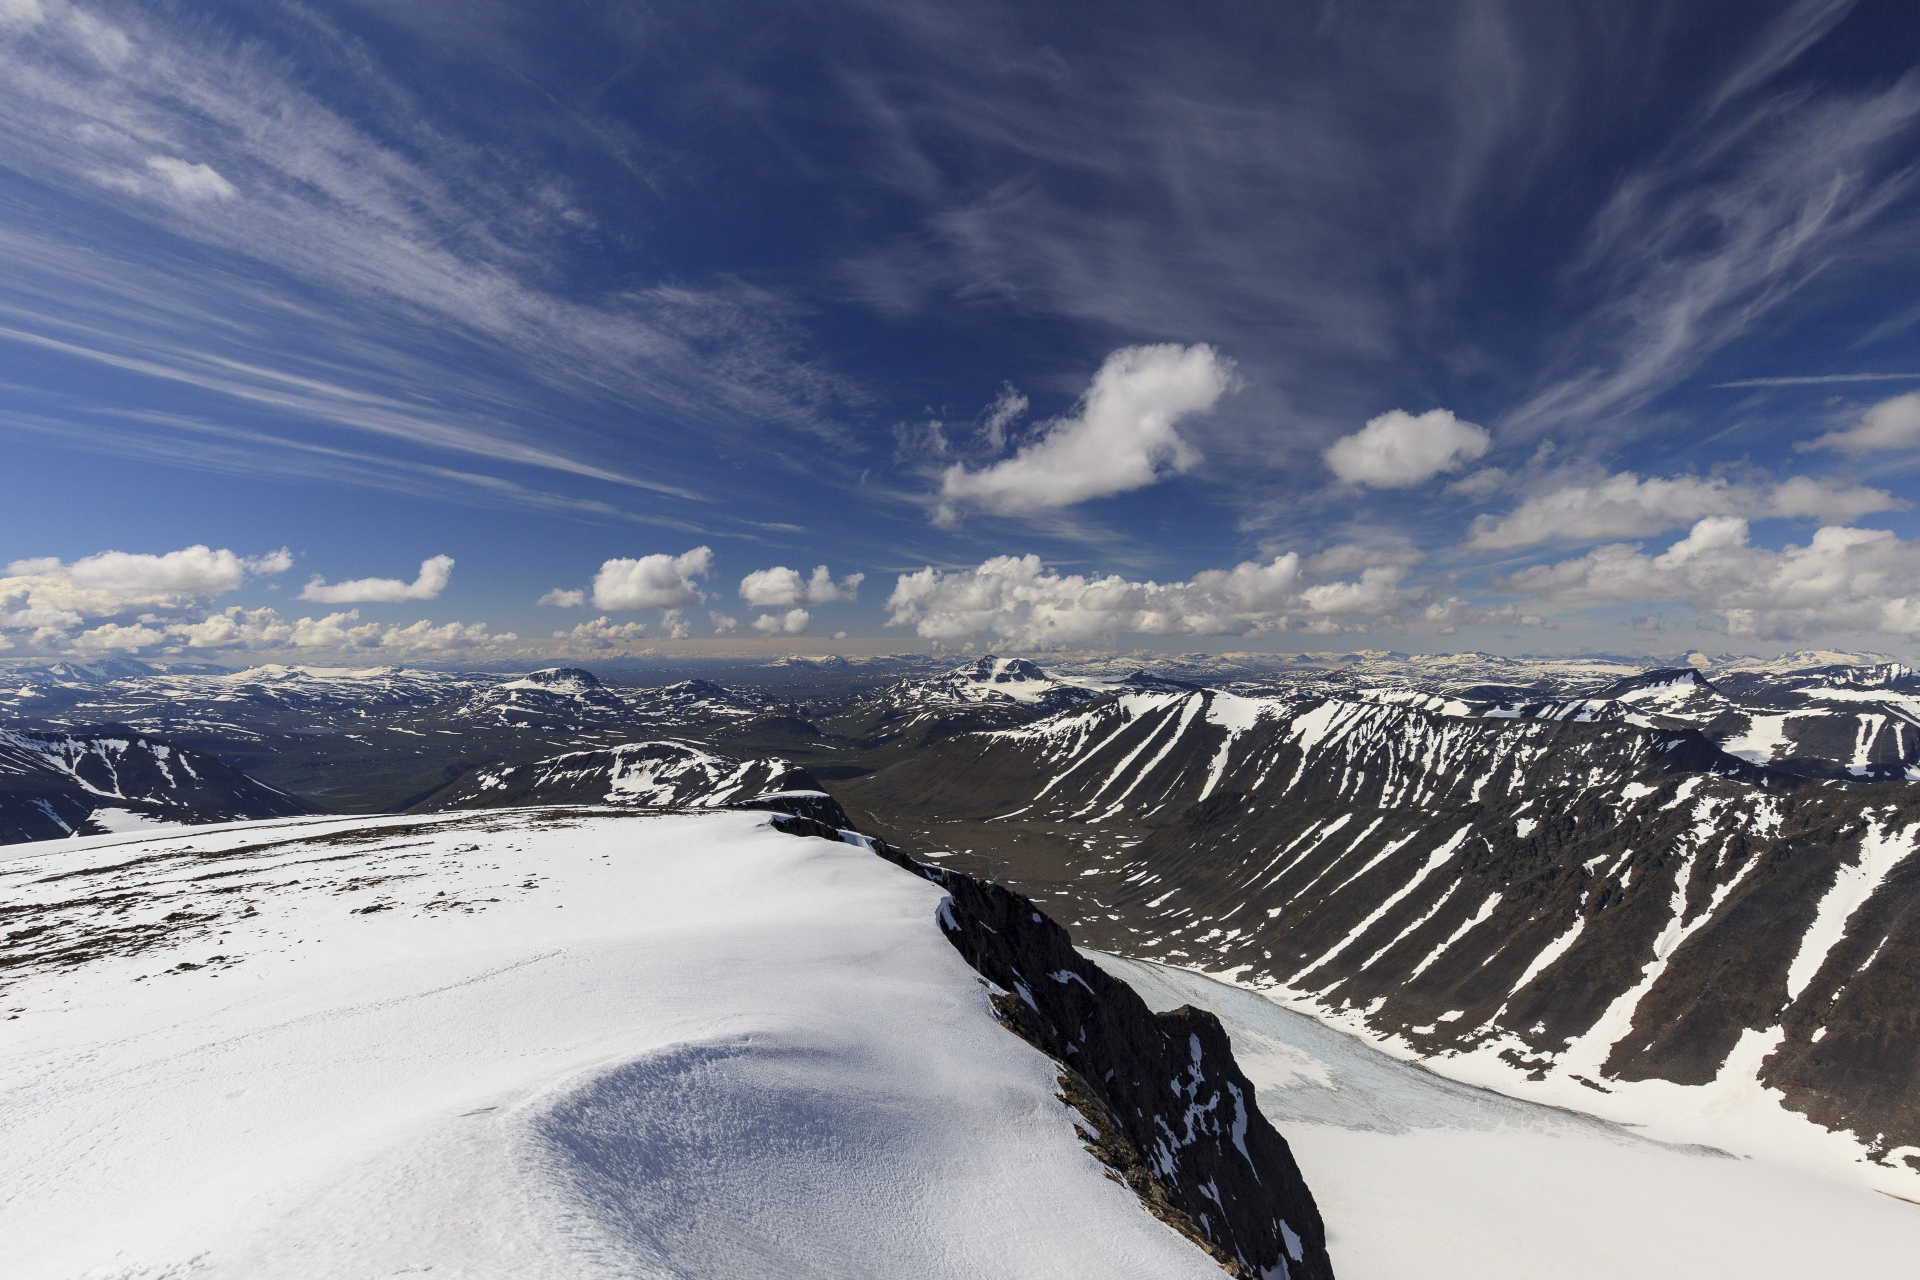 Blick nach Westen, Stuor Ruška und Sälka sind gut zu erkennen, im Tal der Rabots Gletscher, rechts im Hintergrund sieht man bereits norwegische Gipfel